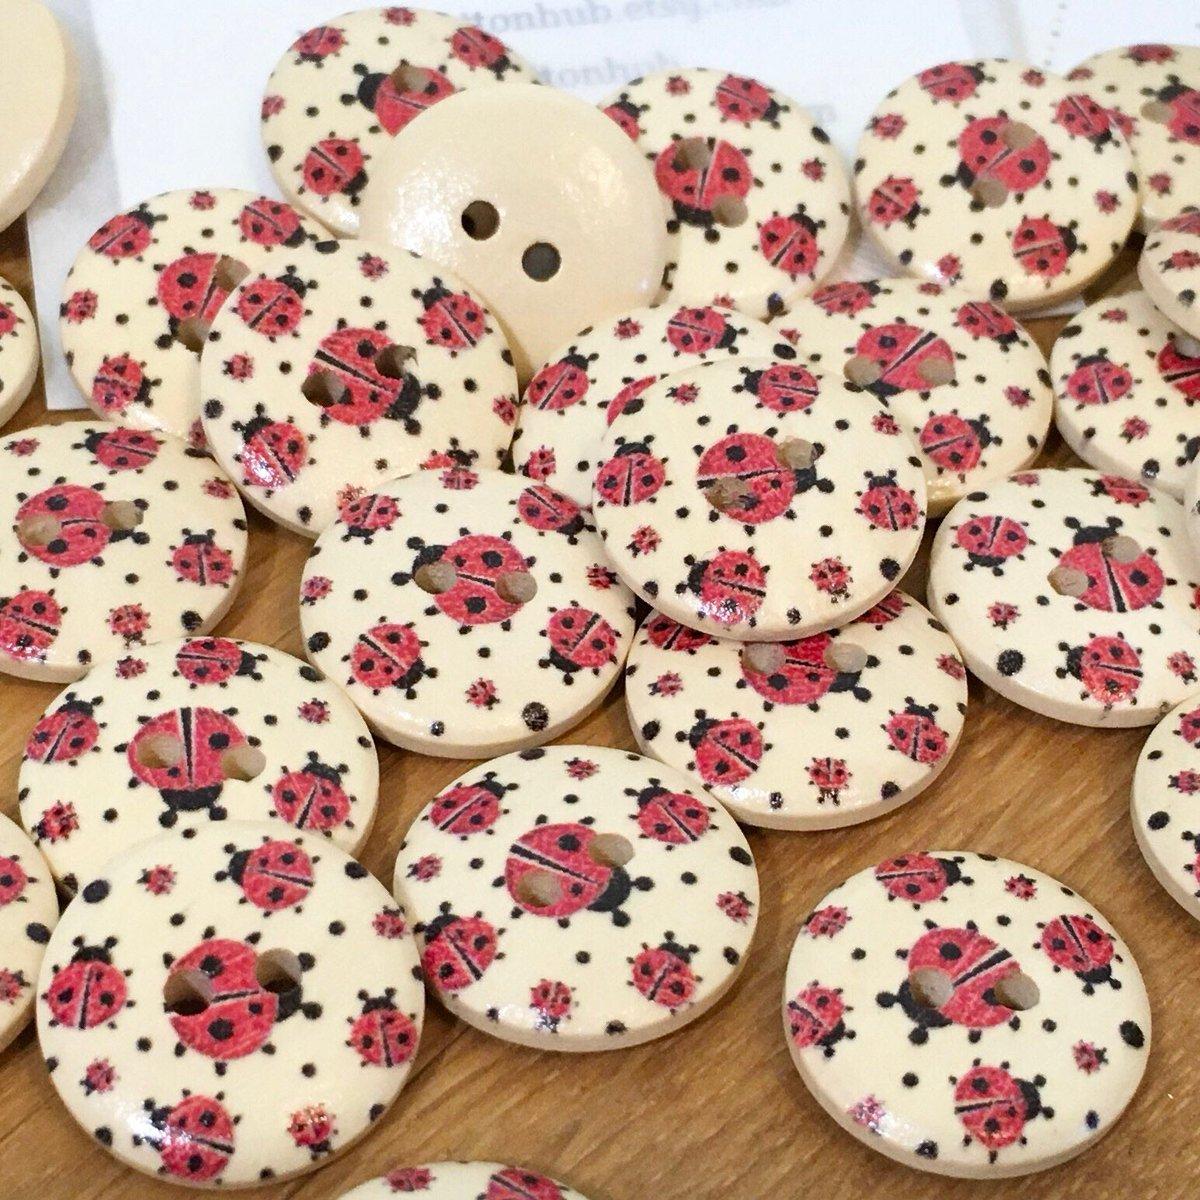 🐞 Ladybird Ladybug Wooden Buttons: Packs of 12 Buttons #ladybug #ladybird #🐞 #insect #insects #gardenlife #buttons #etsy #etsyuk #shopsmall #thursdaythoughts